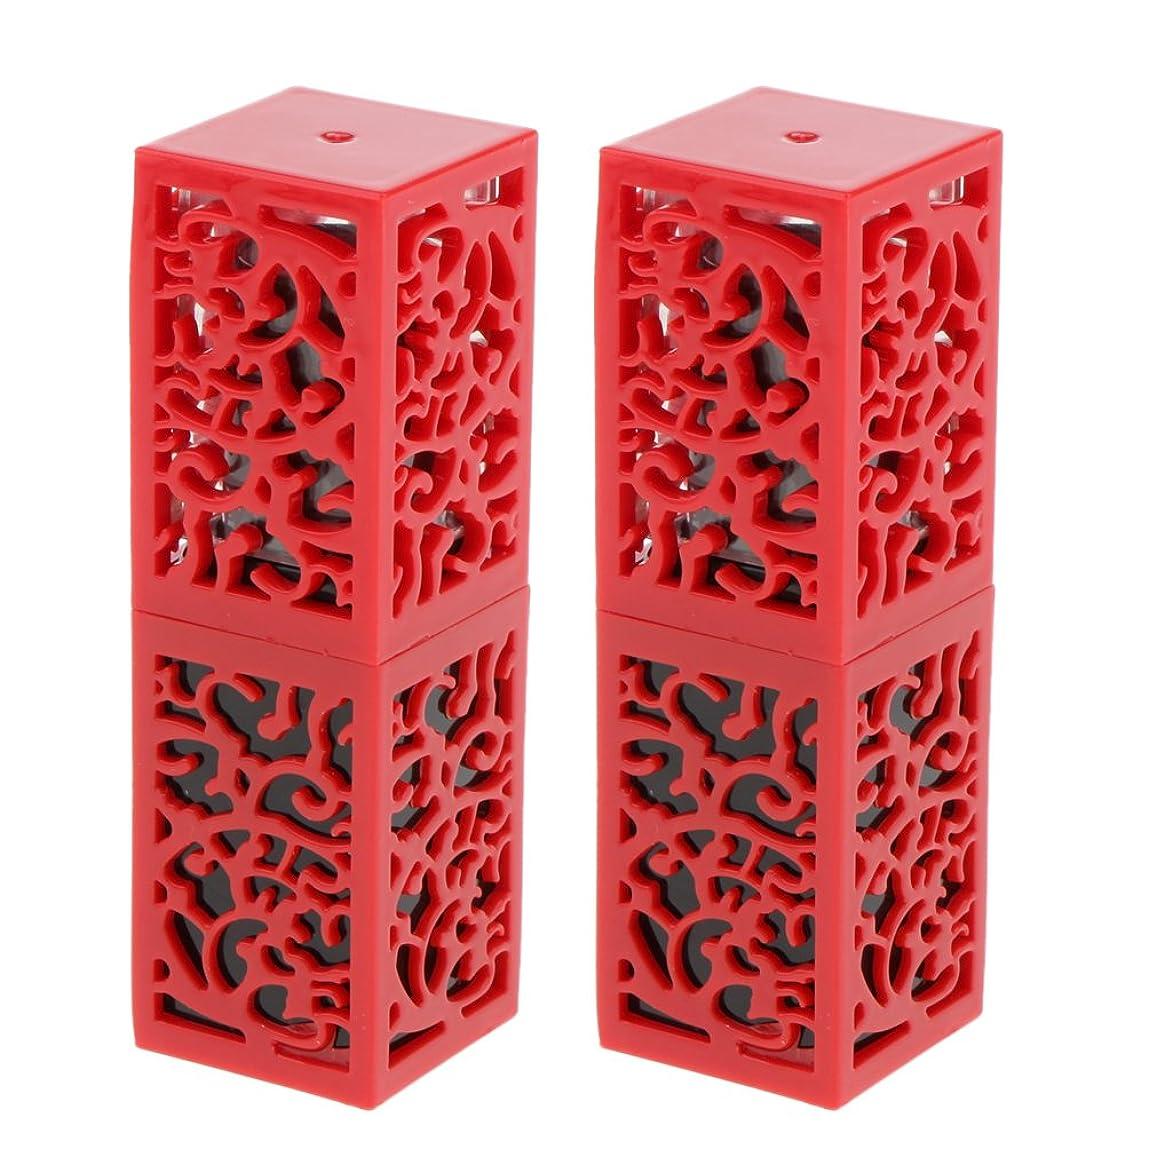 仲間、同僚許さないバリーHomyl 2個入 口紅チューブ リップスティックチューブ 内径1.21cm 金型 おしゃれ プレゼント 手作り 全2色 - 赤